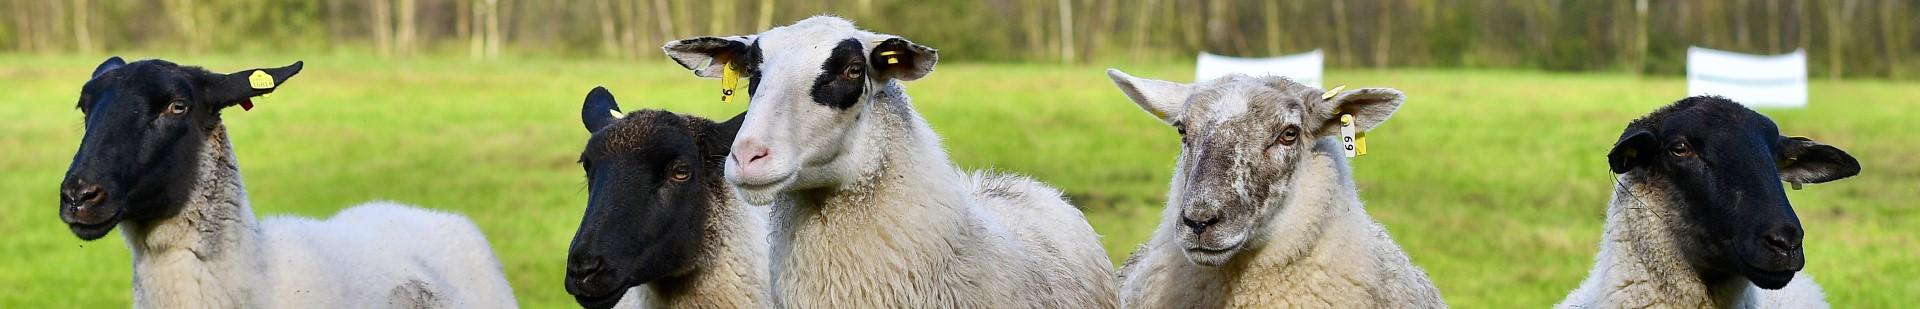 Relaunch Schafe auf Wiese Unterseite